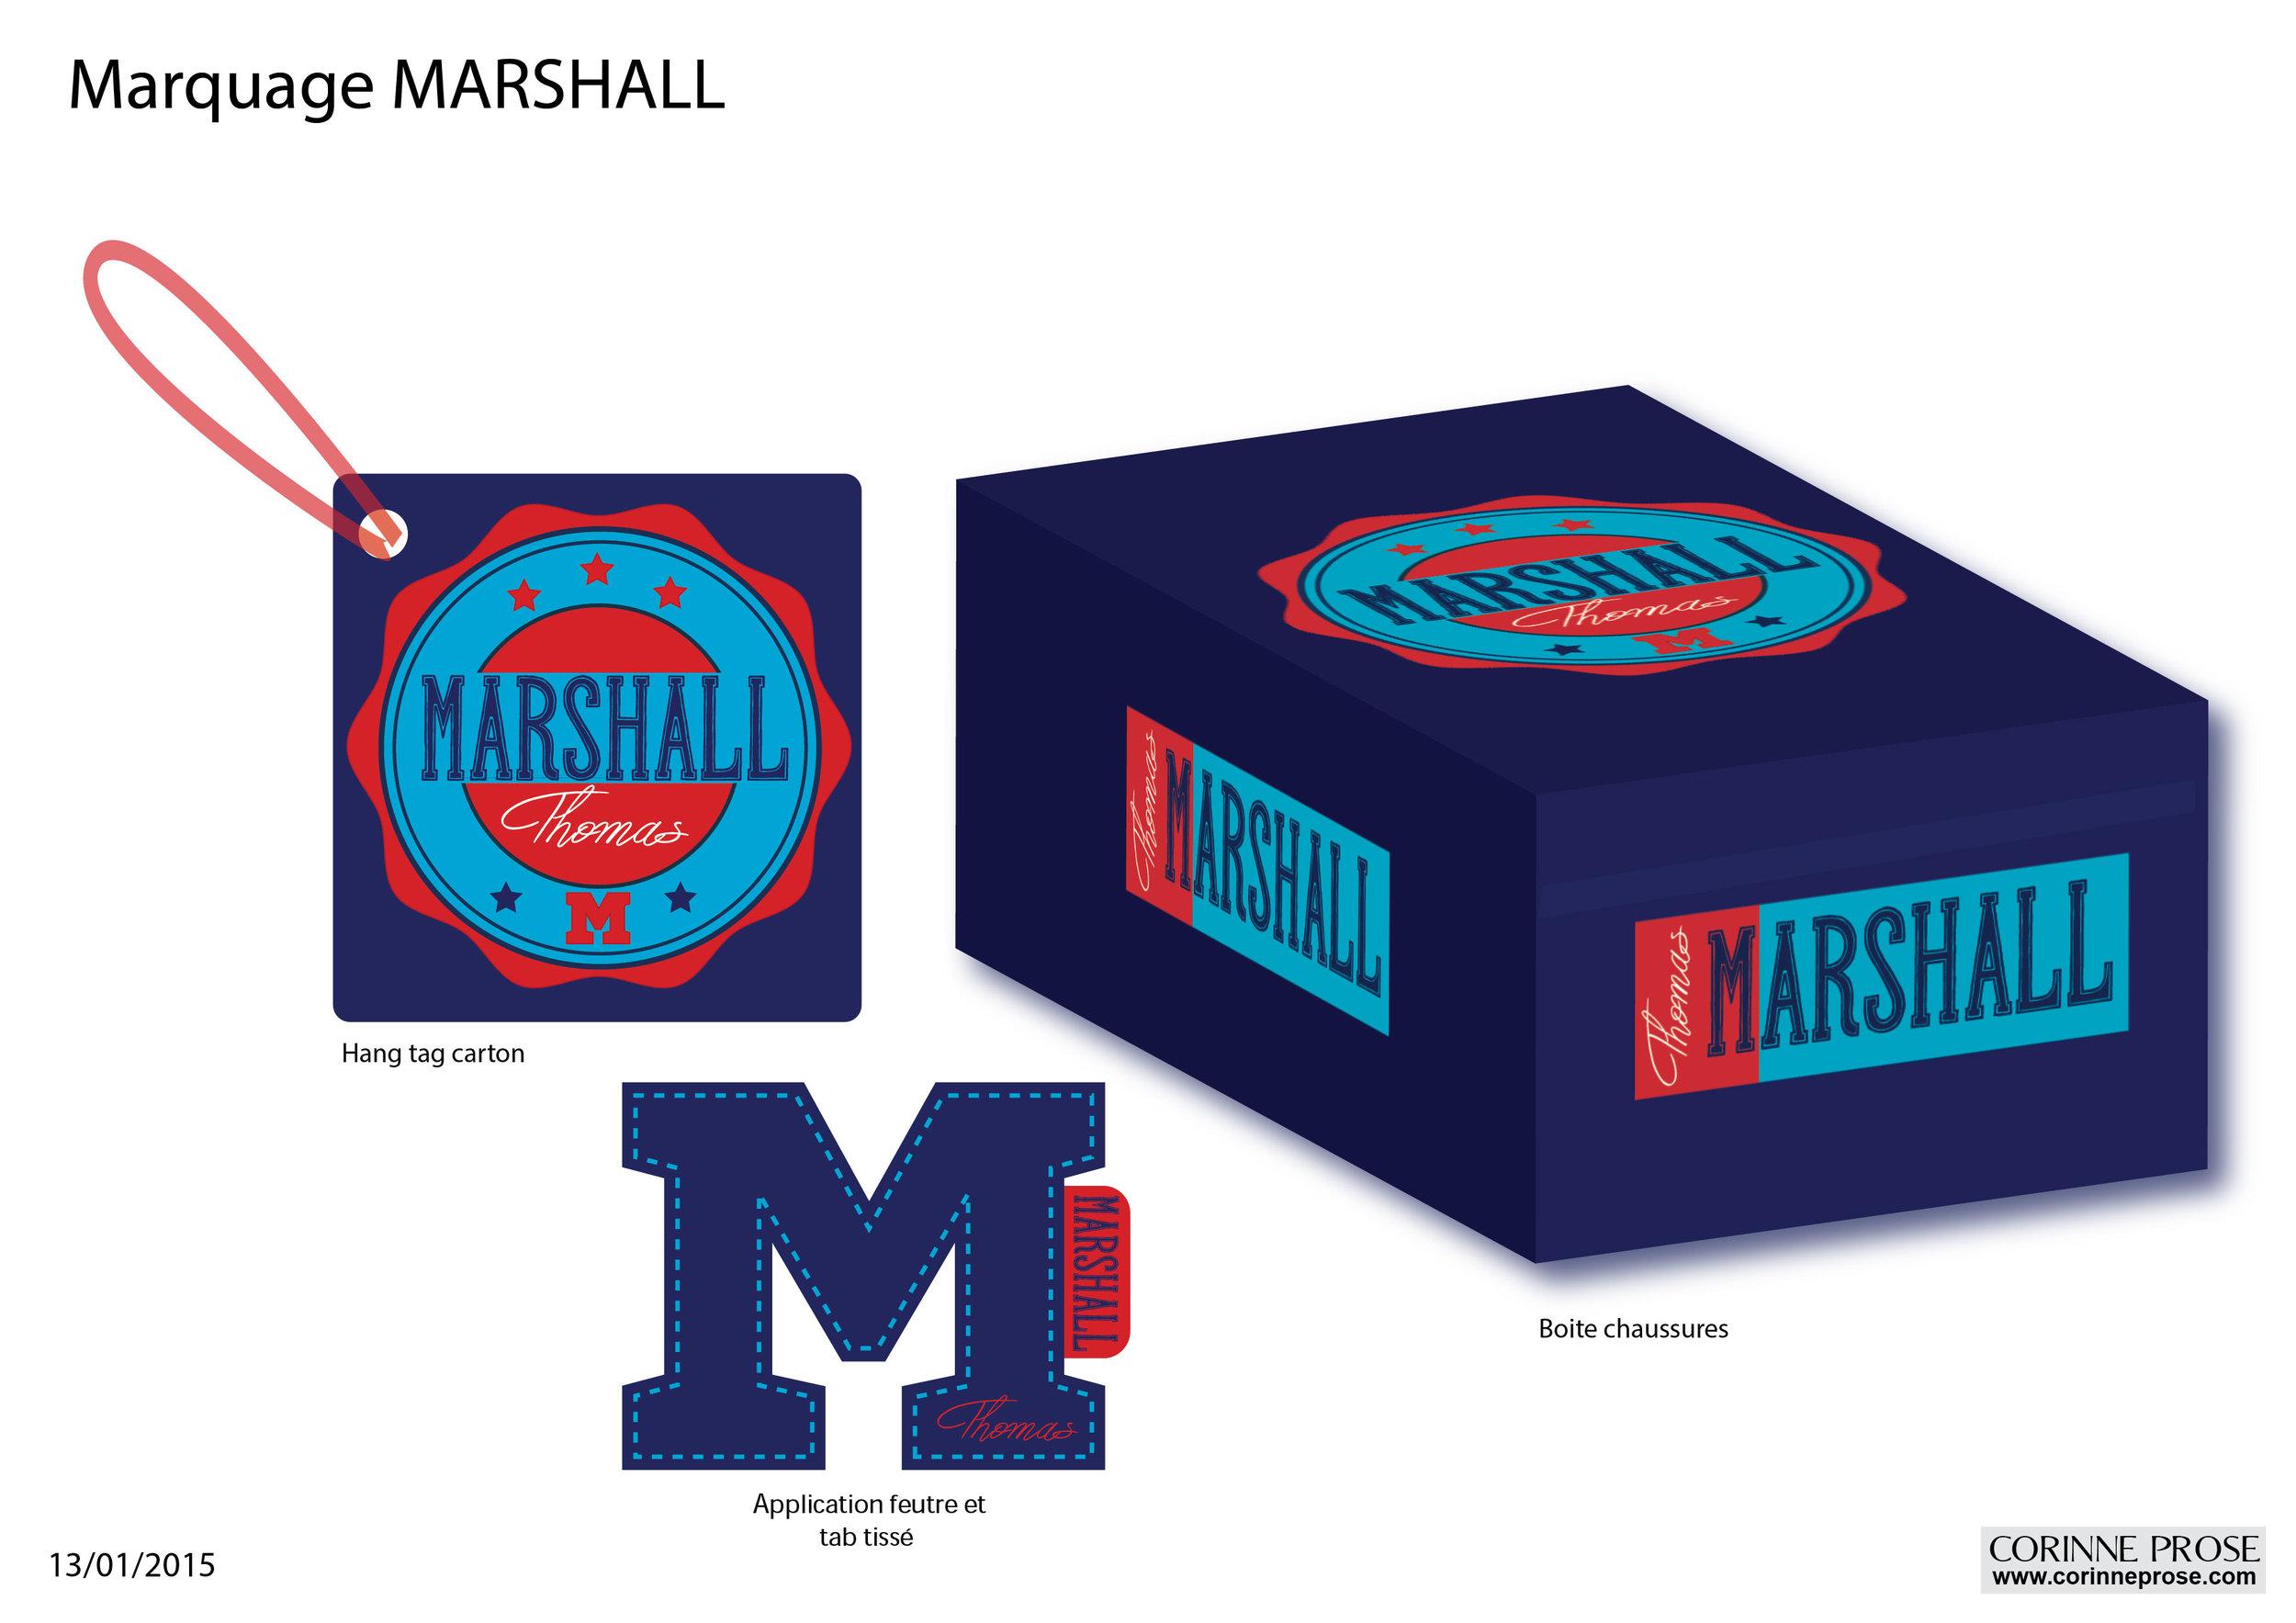 Marquage Marshall-02.jpg